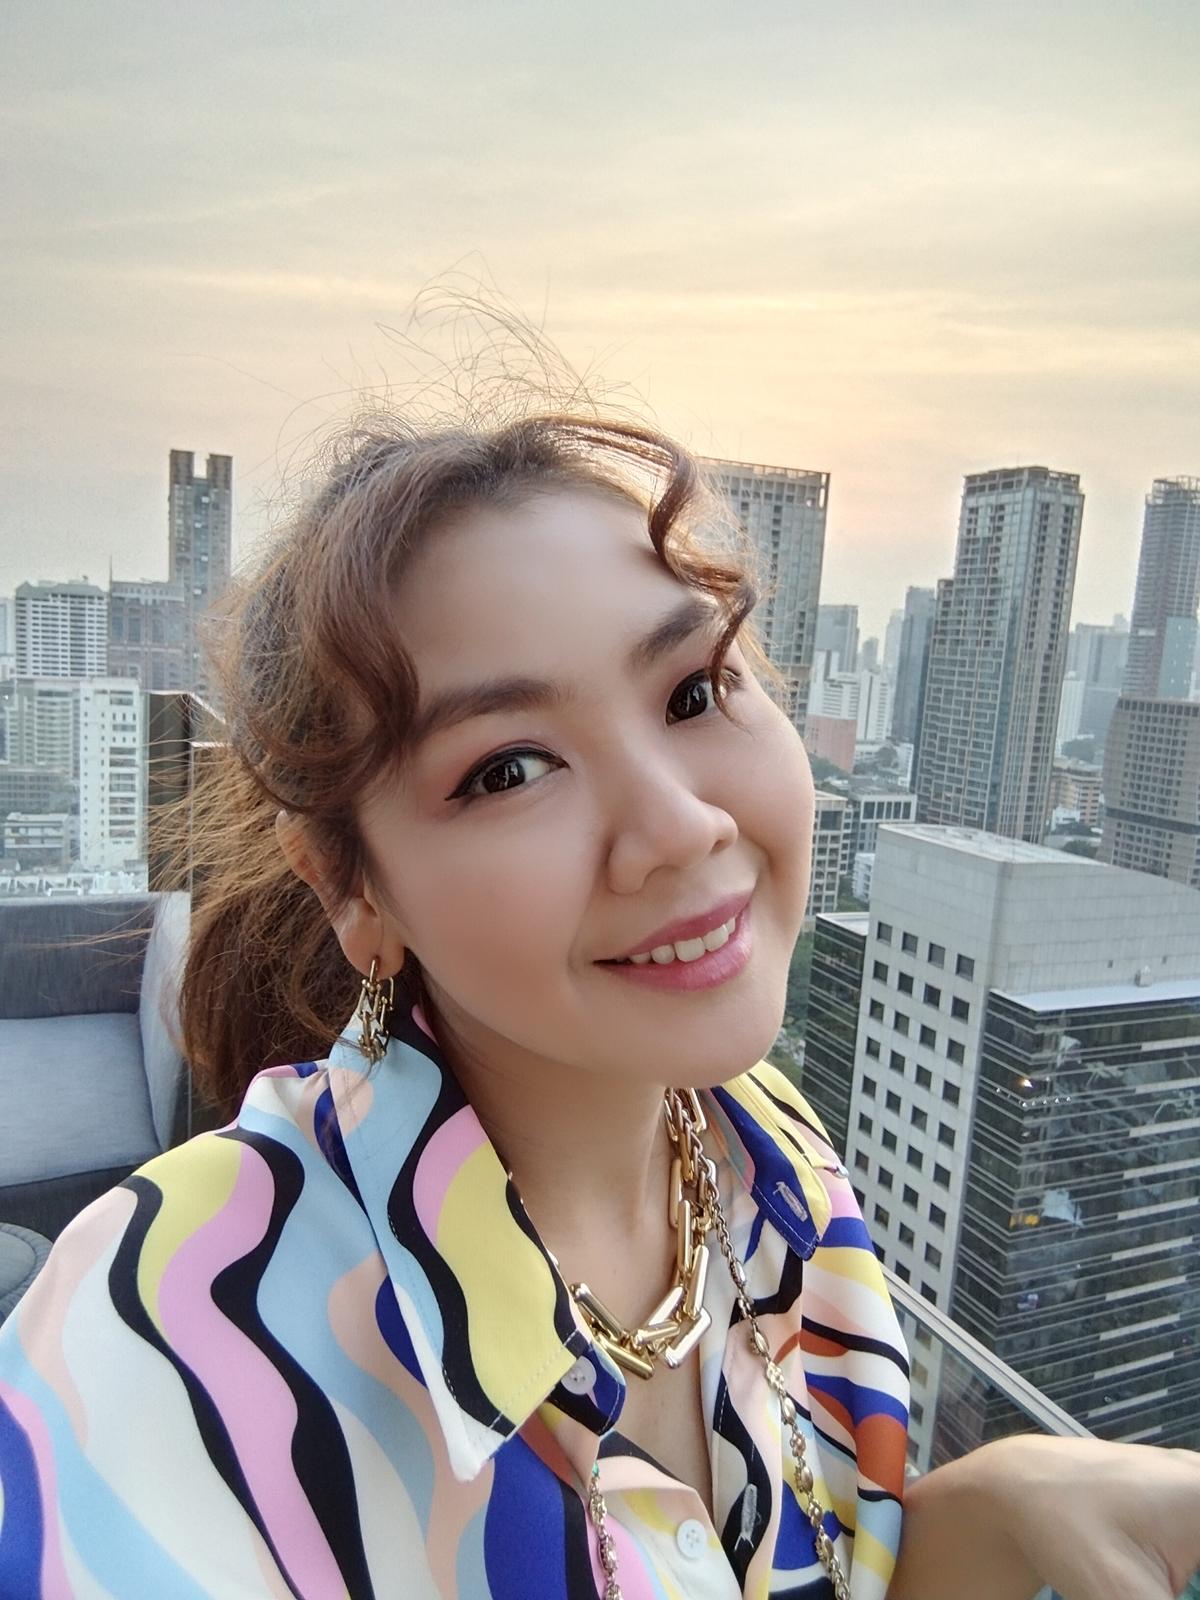 ภาพถ่ายจากกล้องหน้ามือถือ vivo Y31 ผู้หญิงถ่ายเซลฟี่บนดาดฟ้า Roop Top ของตึก